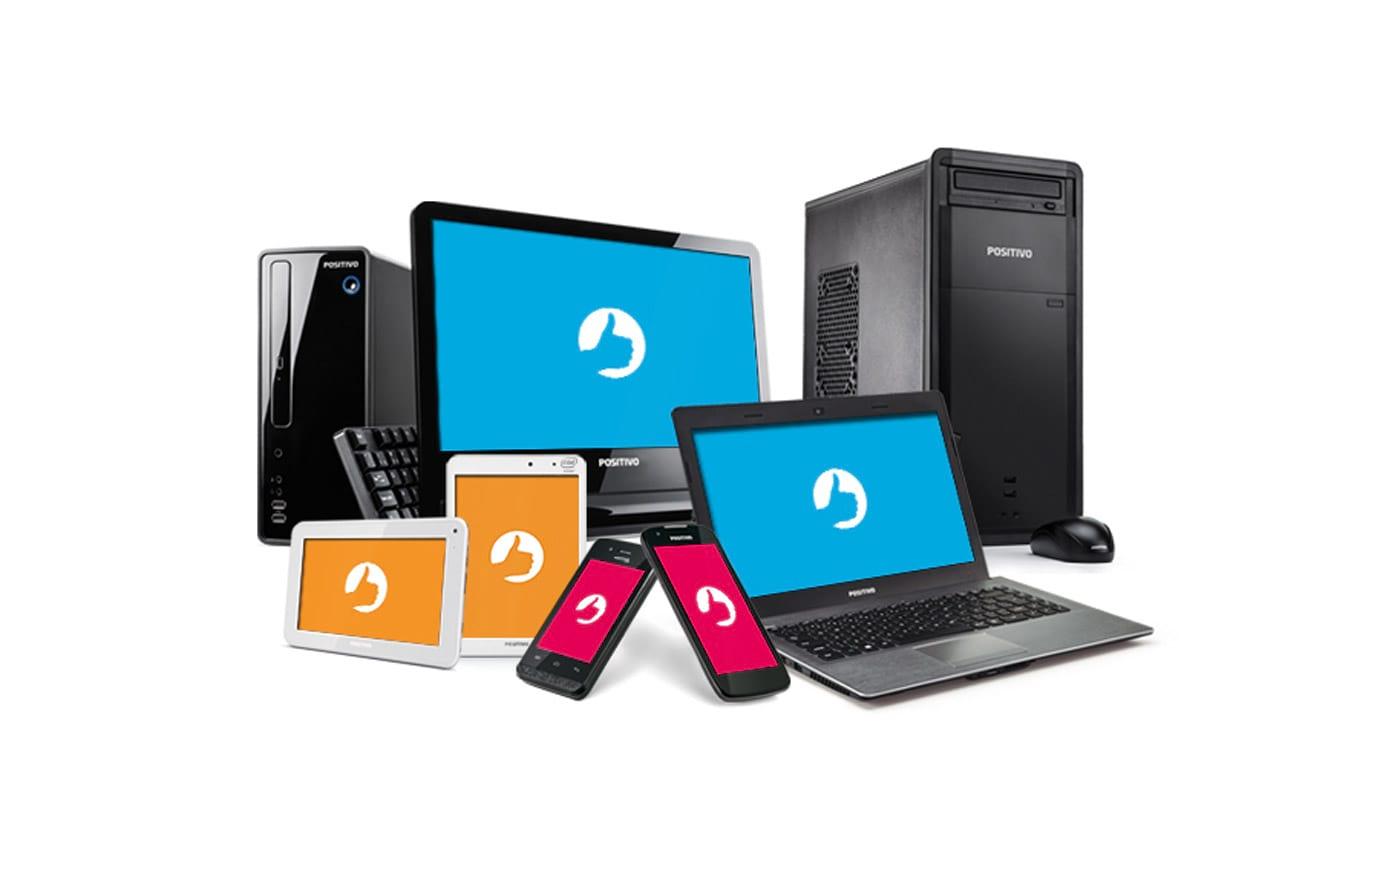 A companhia permanece líder na produção de computadores, registrando forte expansão em vendas de celulares e segue ampliando, apresentando novas soluções para o mercado.